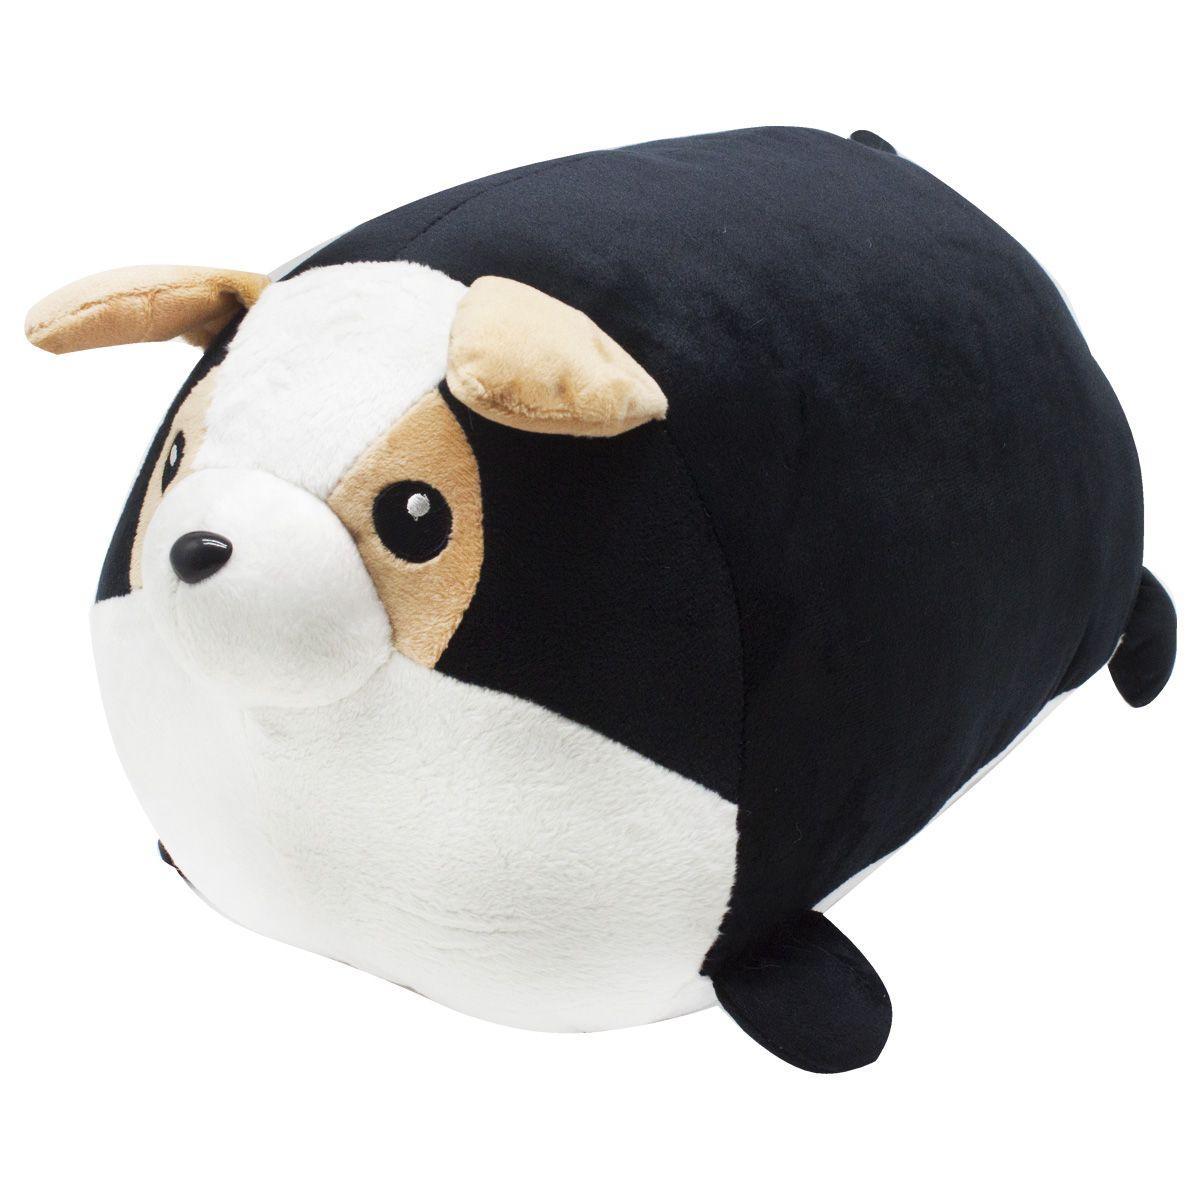 Плюшевая игрушка подушка валик Boxi Французский бульдог 45 см черный